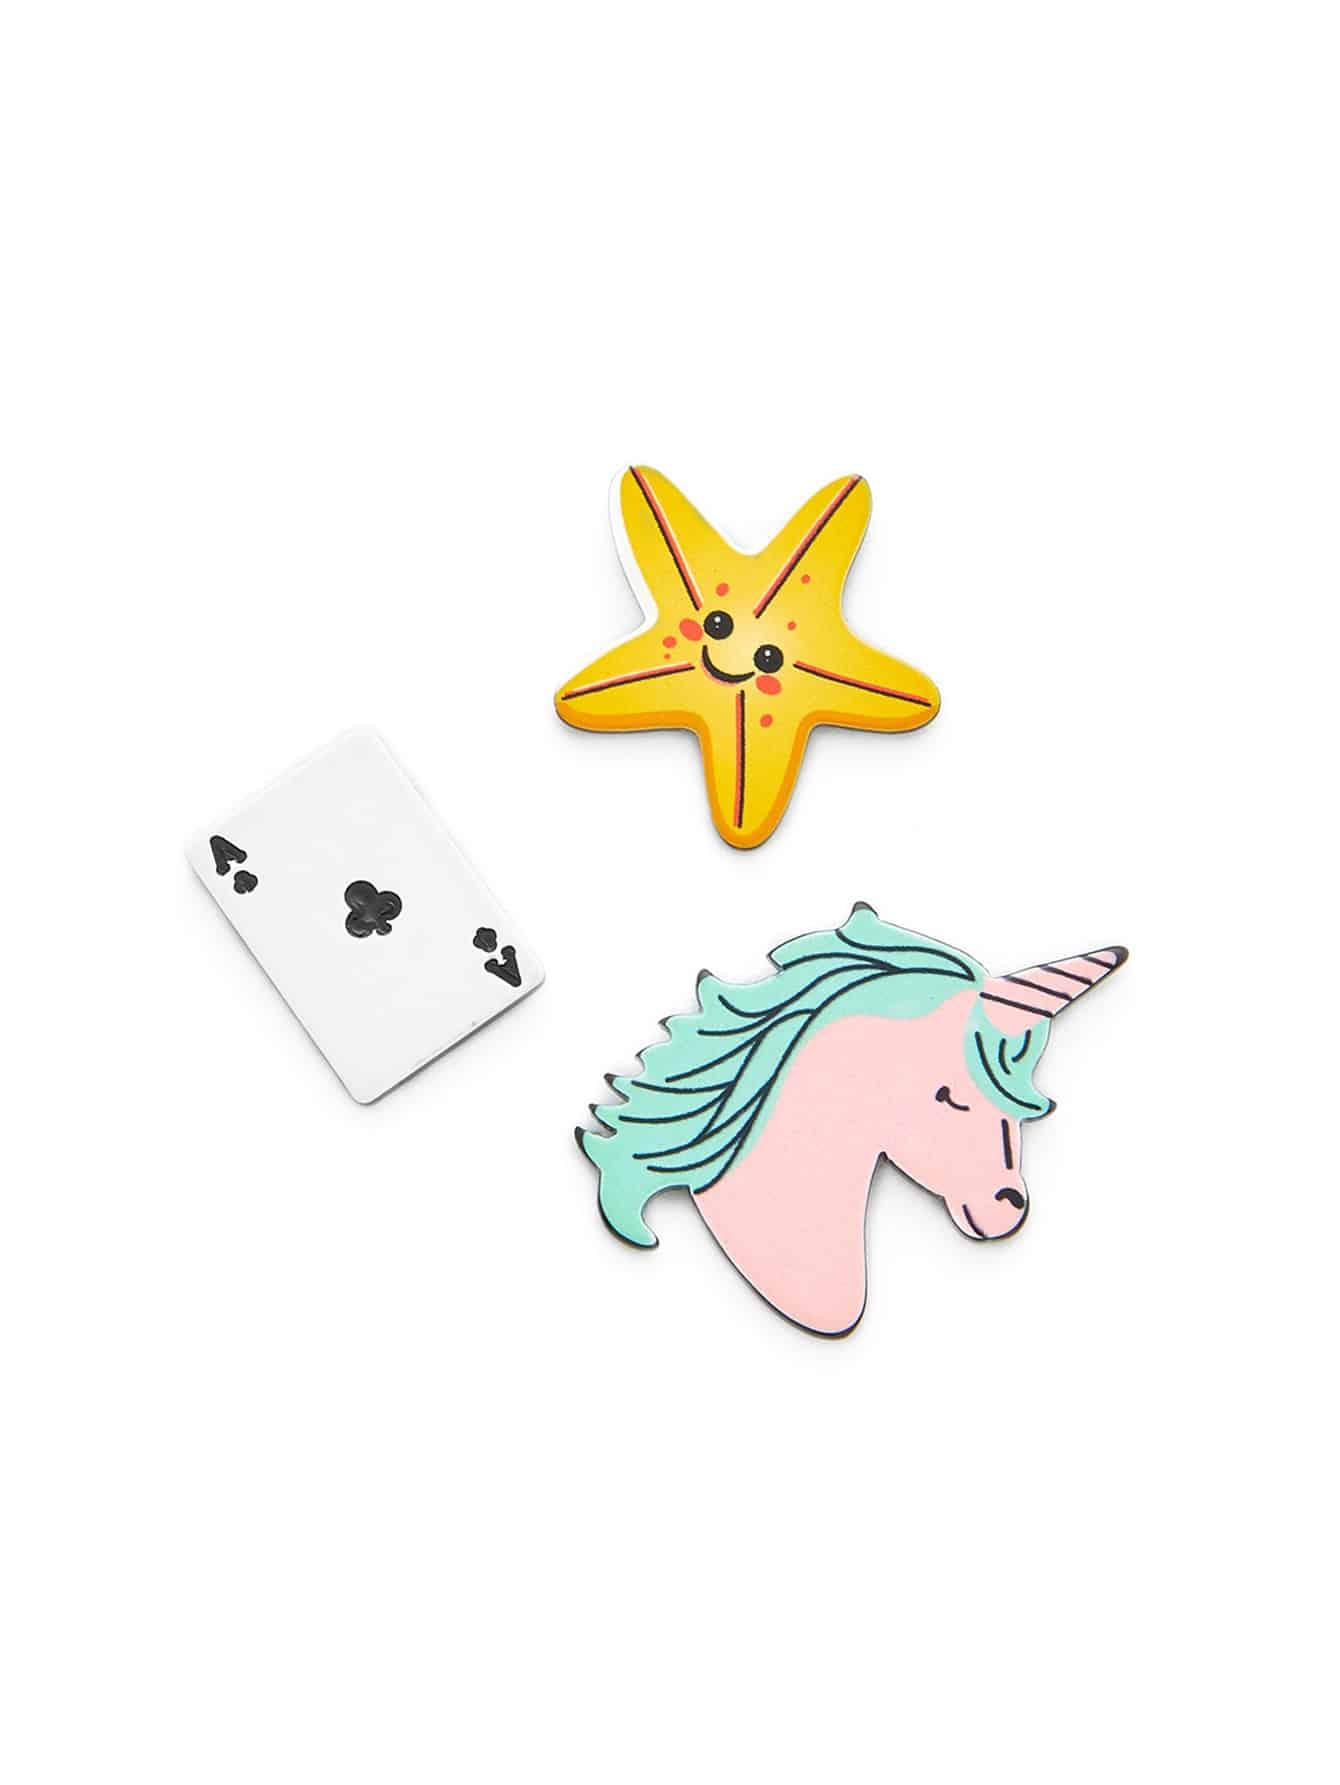 Морская Звезда & Играть Дизайн Карты Брошь Набор